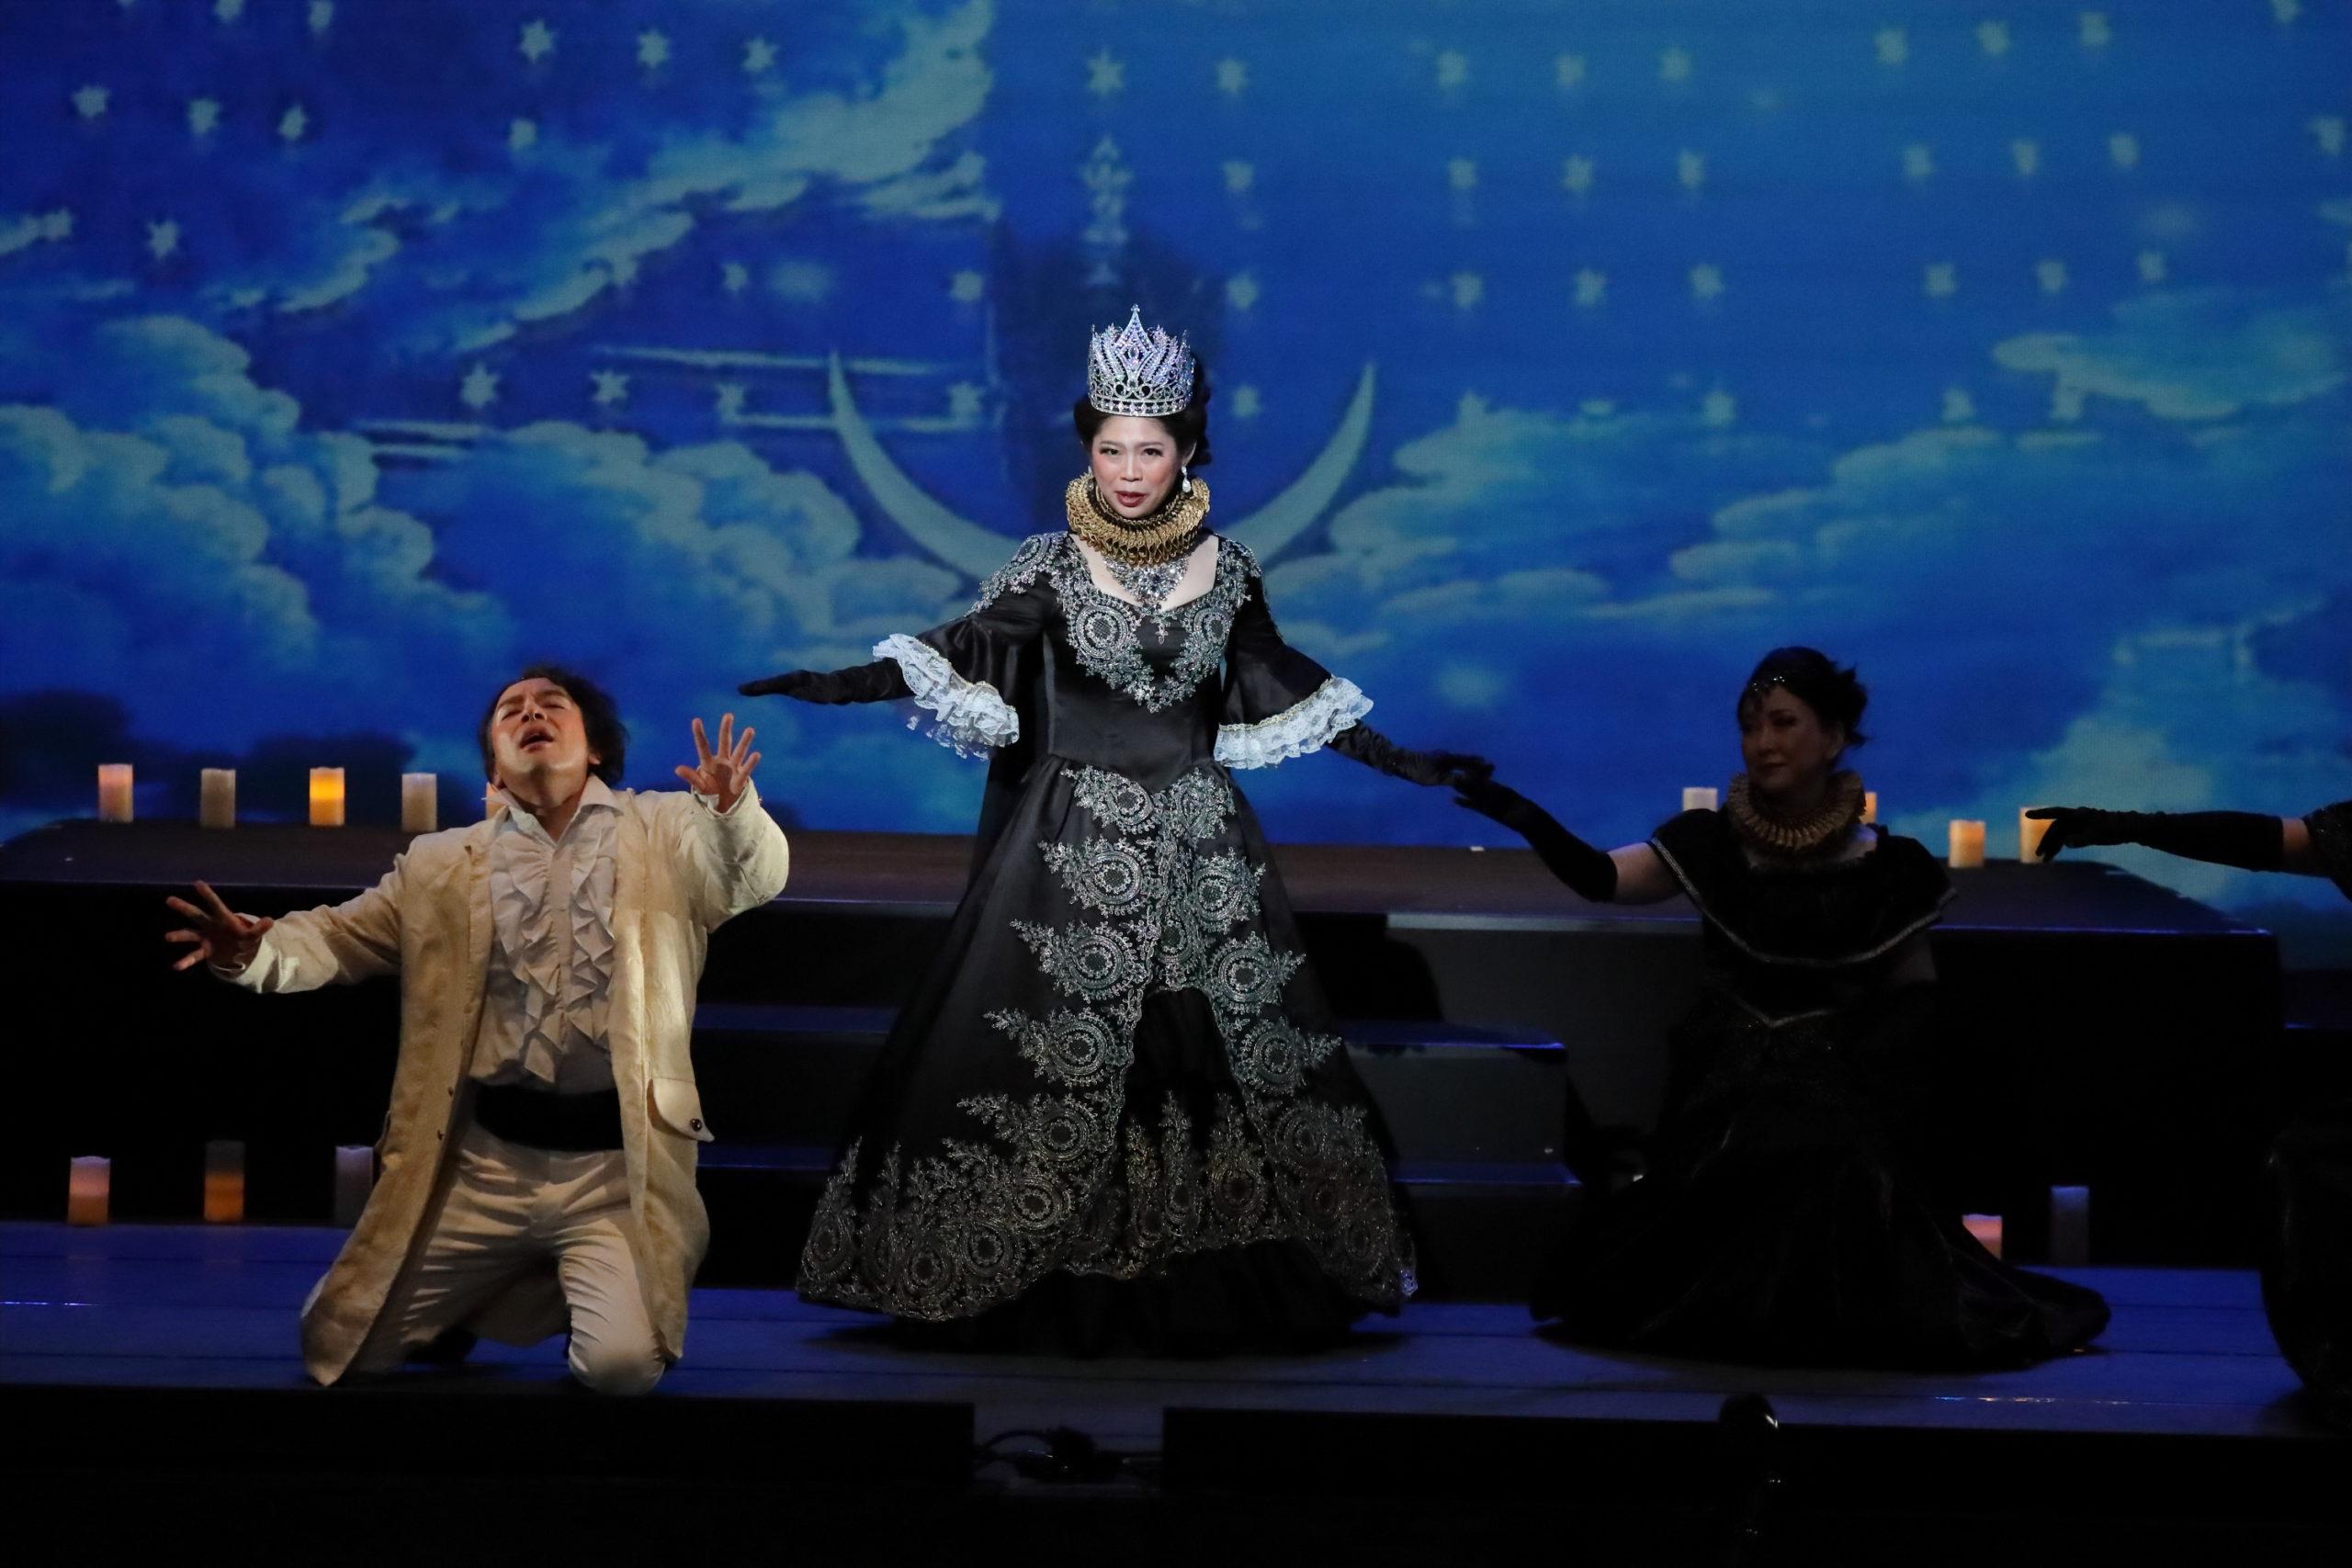 【演奏後記】舞台音楽研究会「魔笛」夜の女王